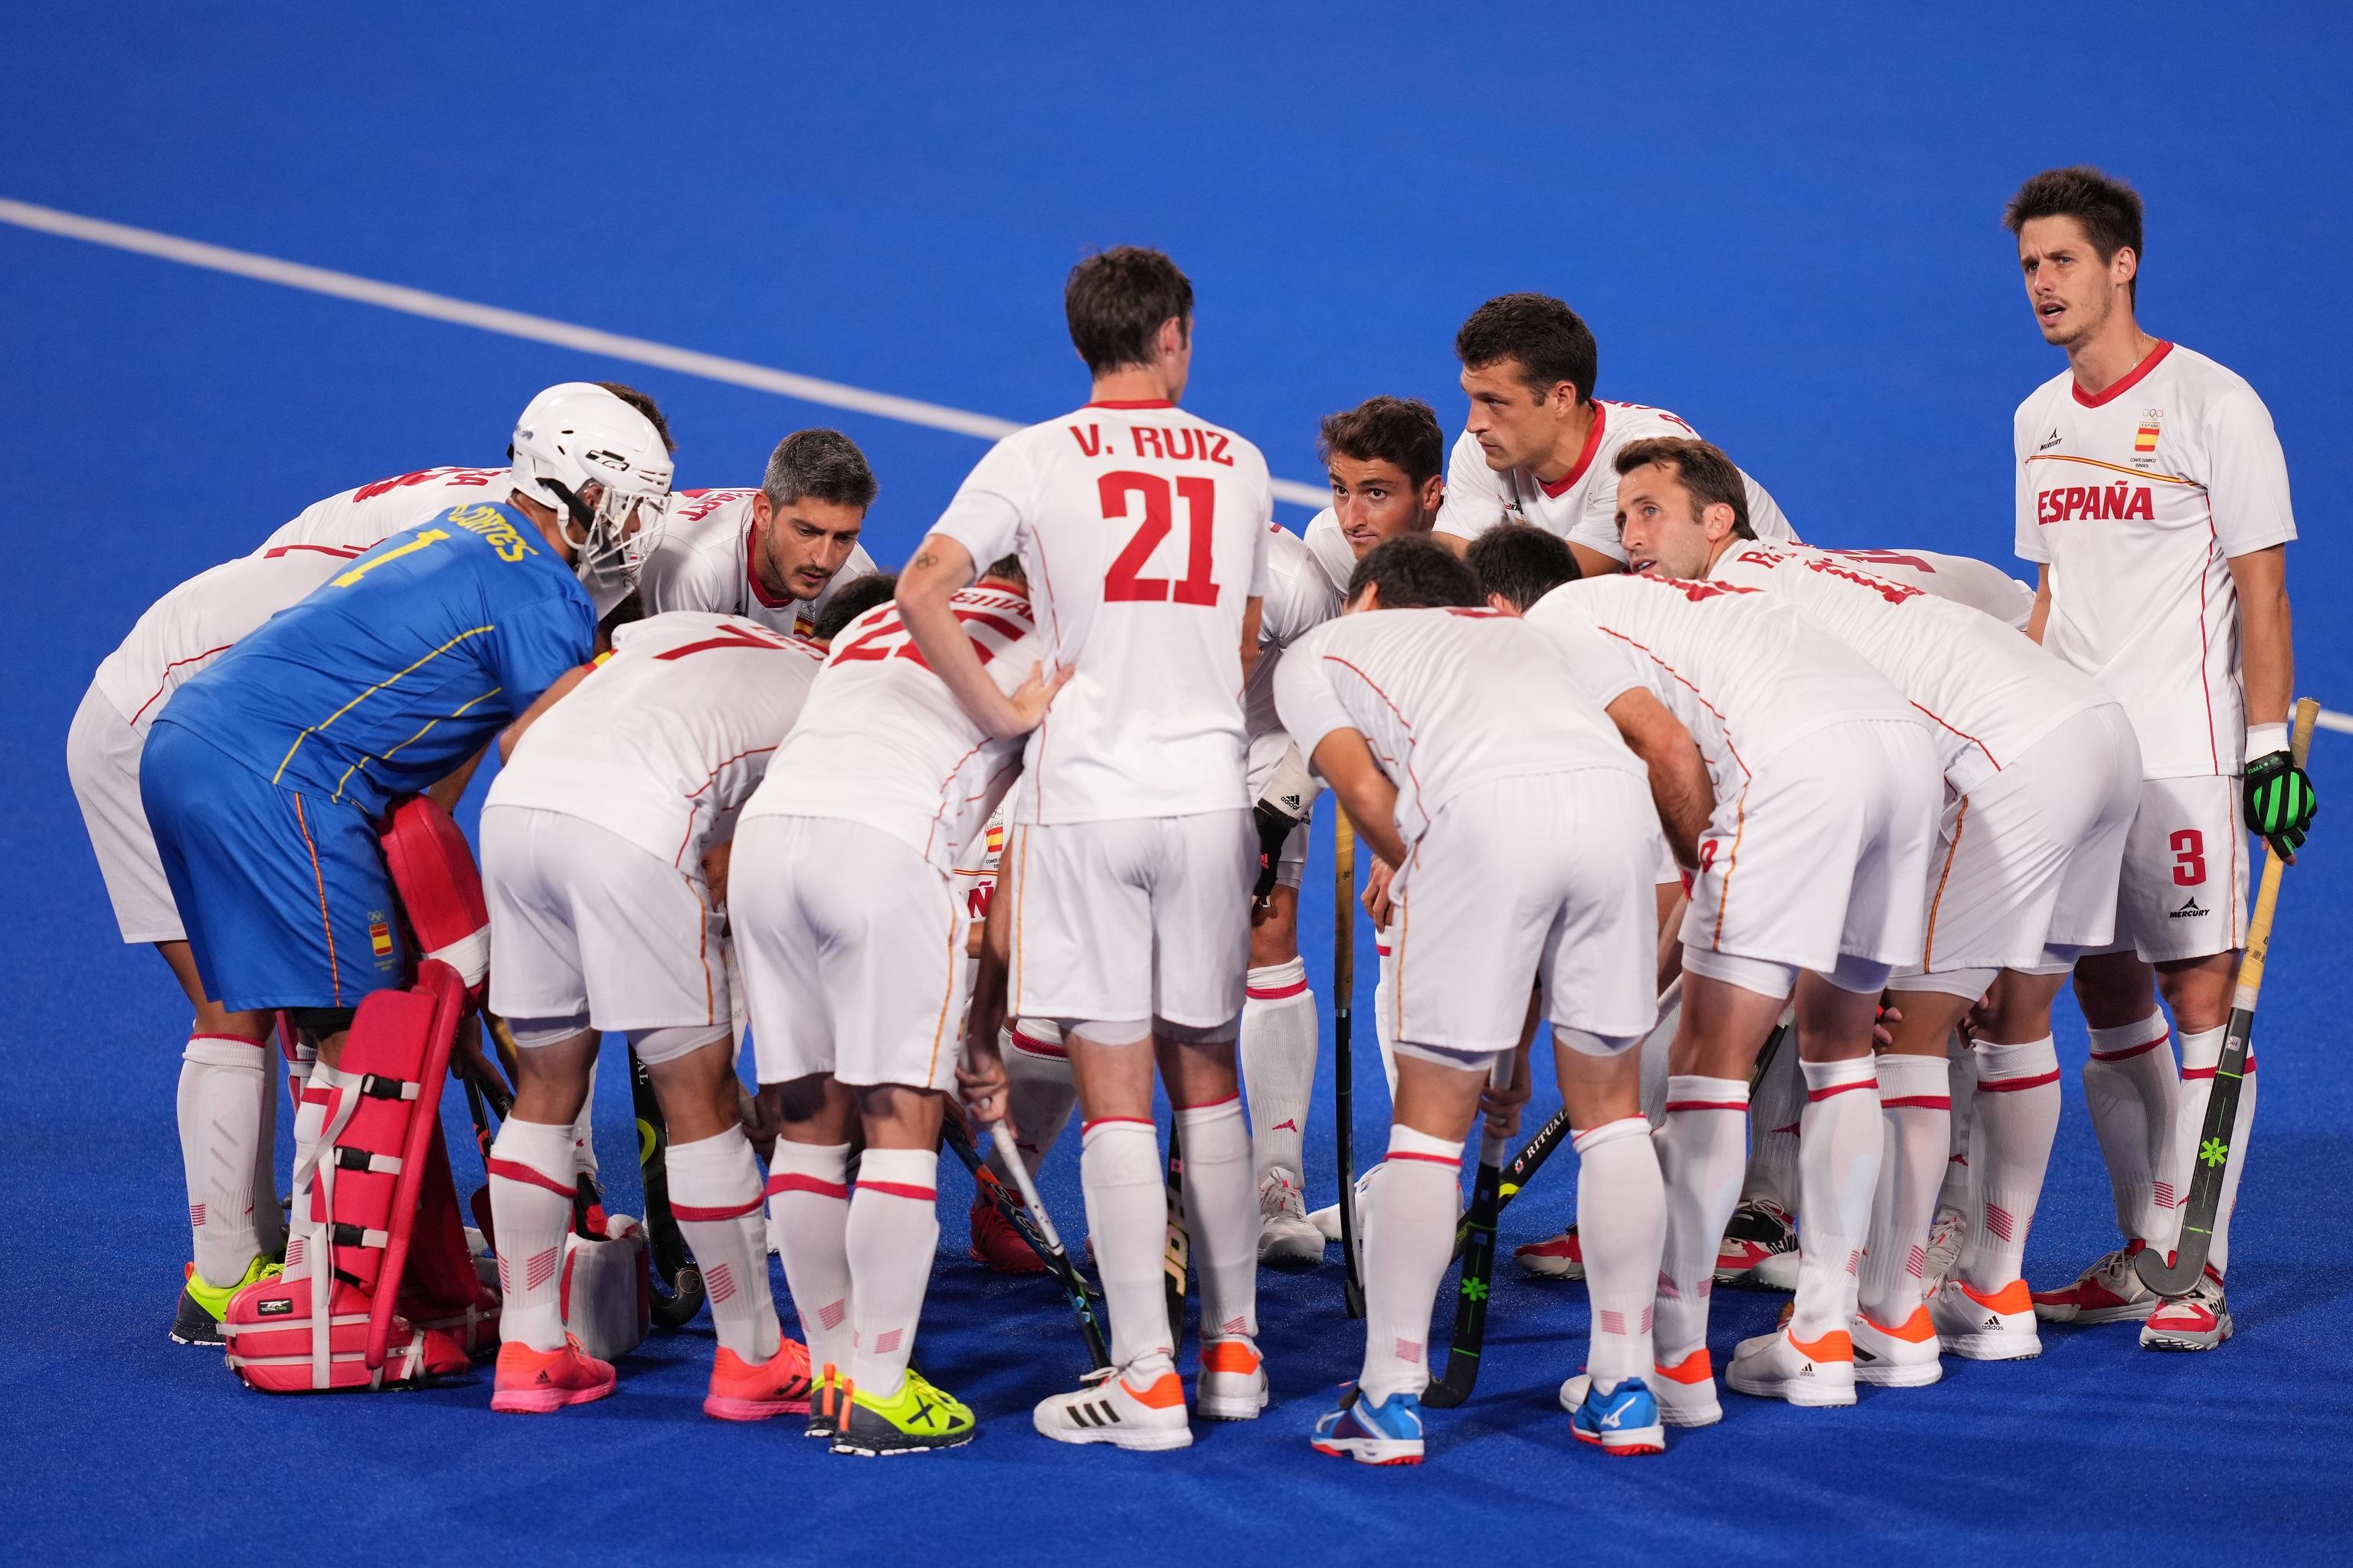 España Nueva Zelanda - hockey hierba - Juegos Olímpicos 2021 - Tokio 2020